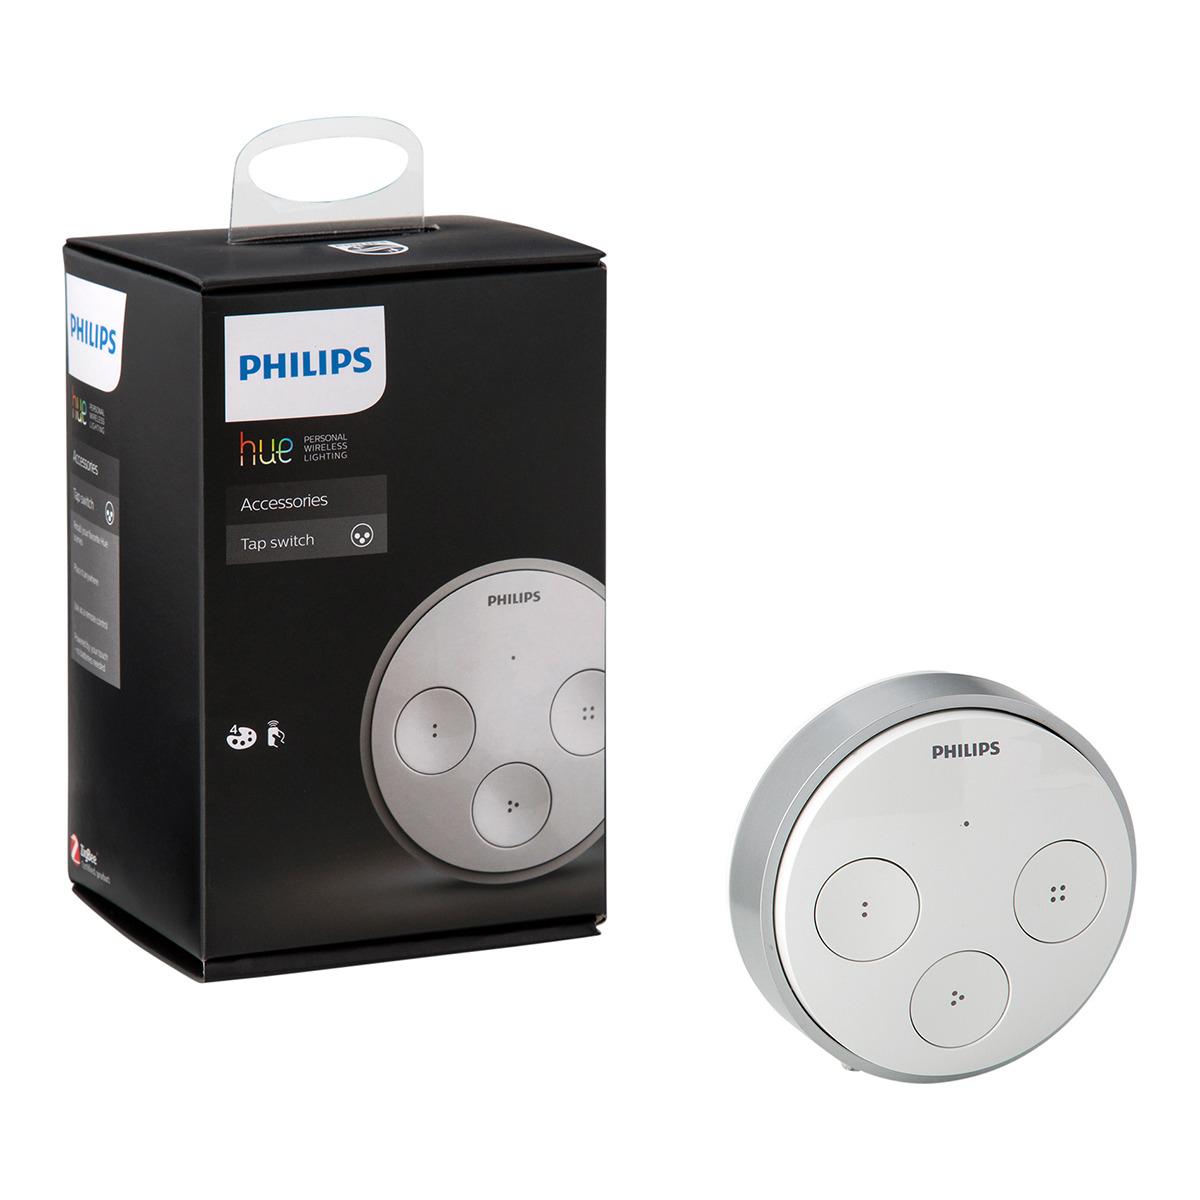 Interruptor inteligente, inalámbrico y portátil Hue Tap Philips